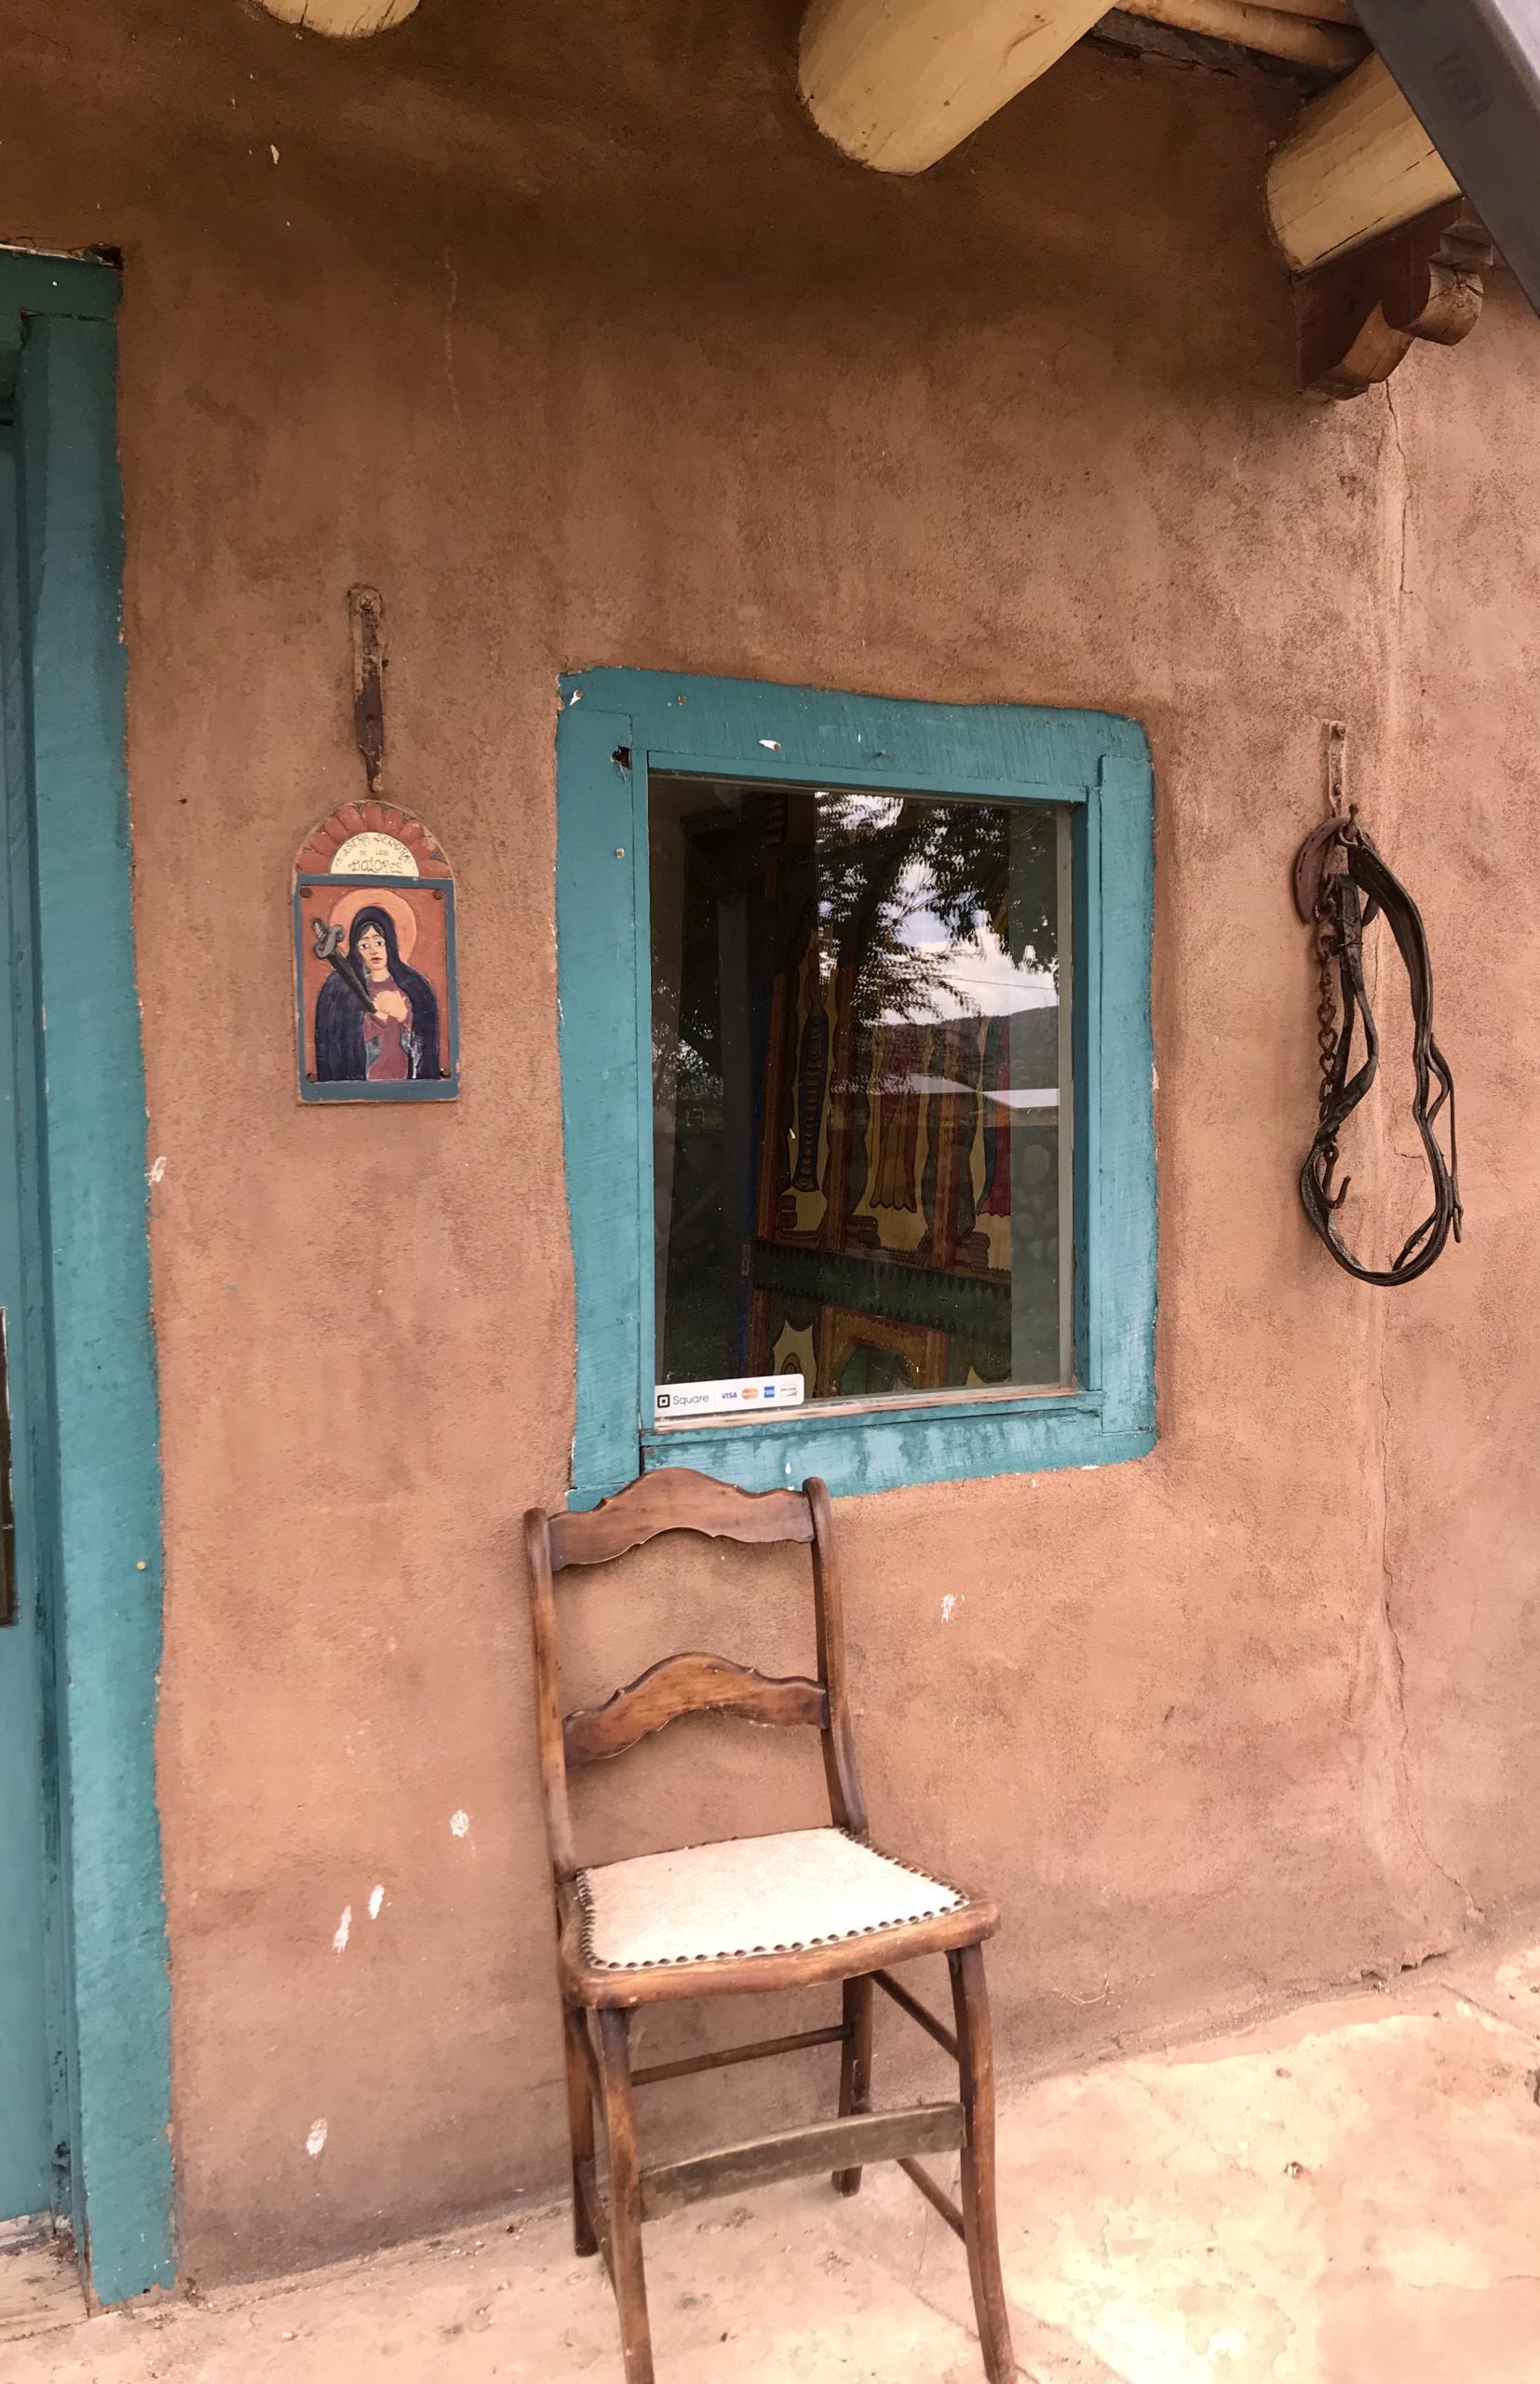 Outsider Art in Interior Design, New Mexico Folk Art in Interior Design.